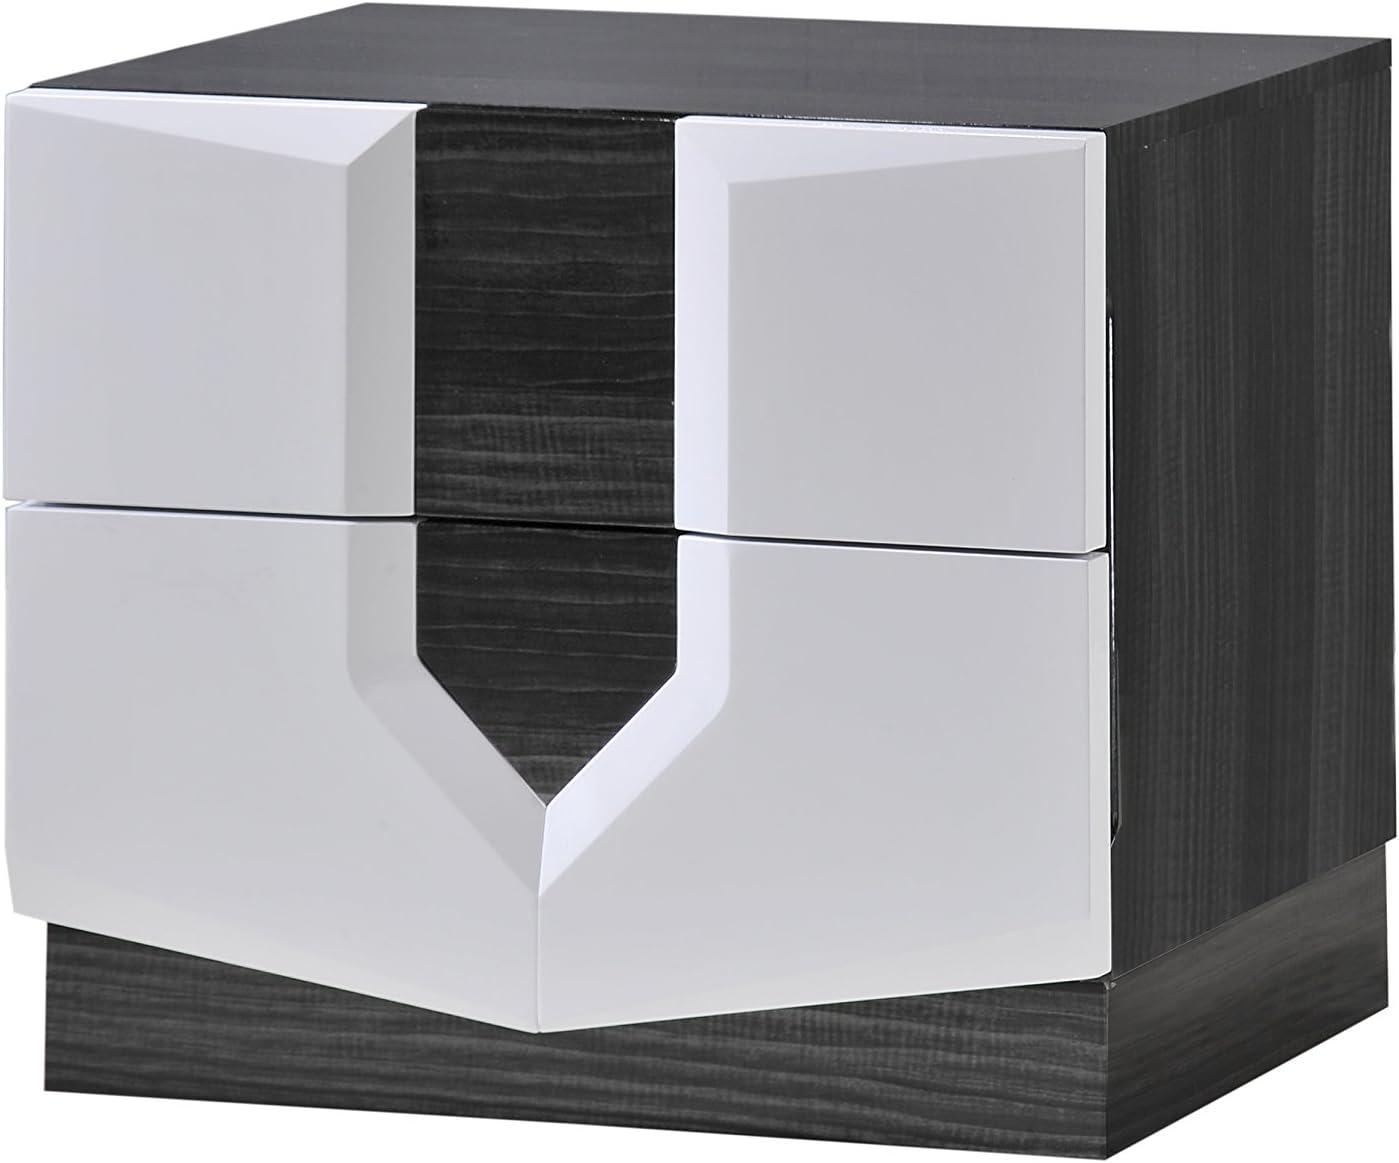 Global Furniture Hudson Nightstand, Zebra Grey and White